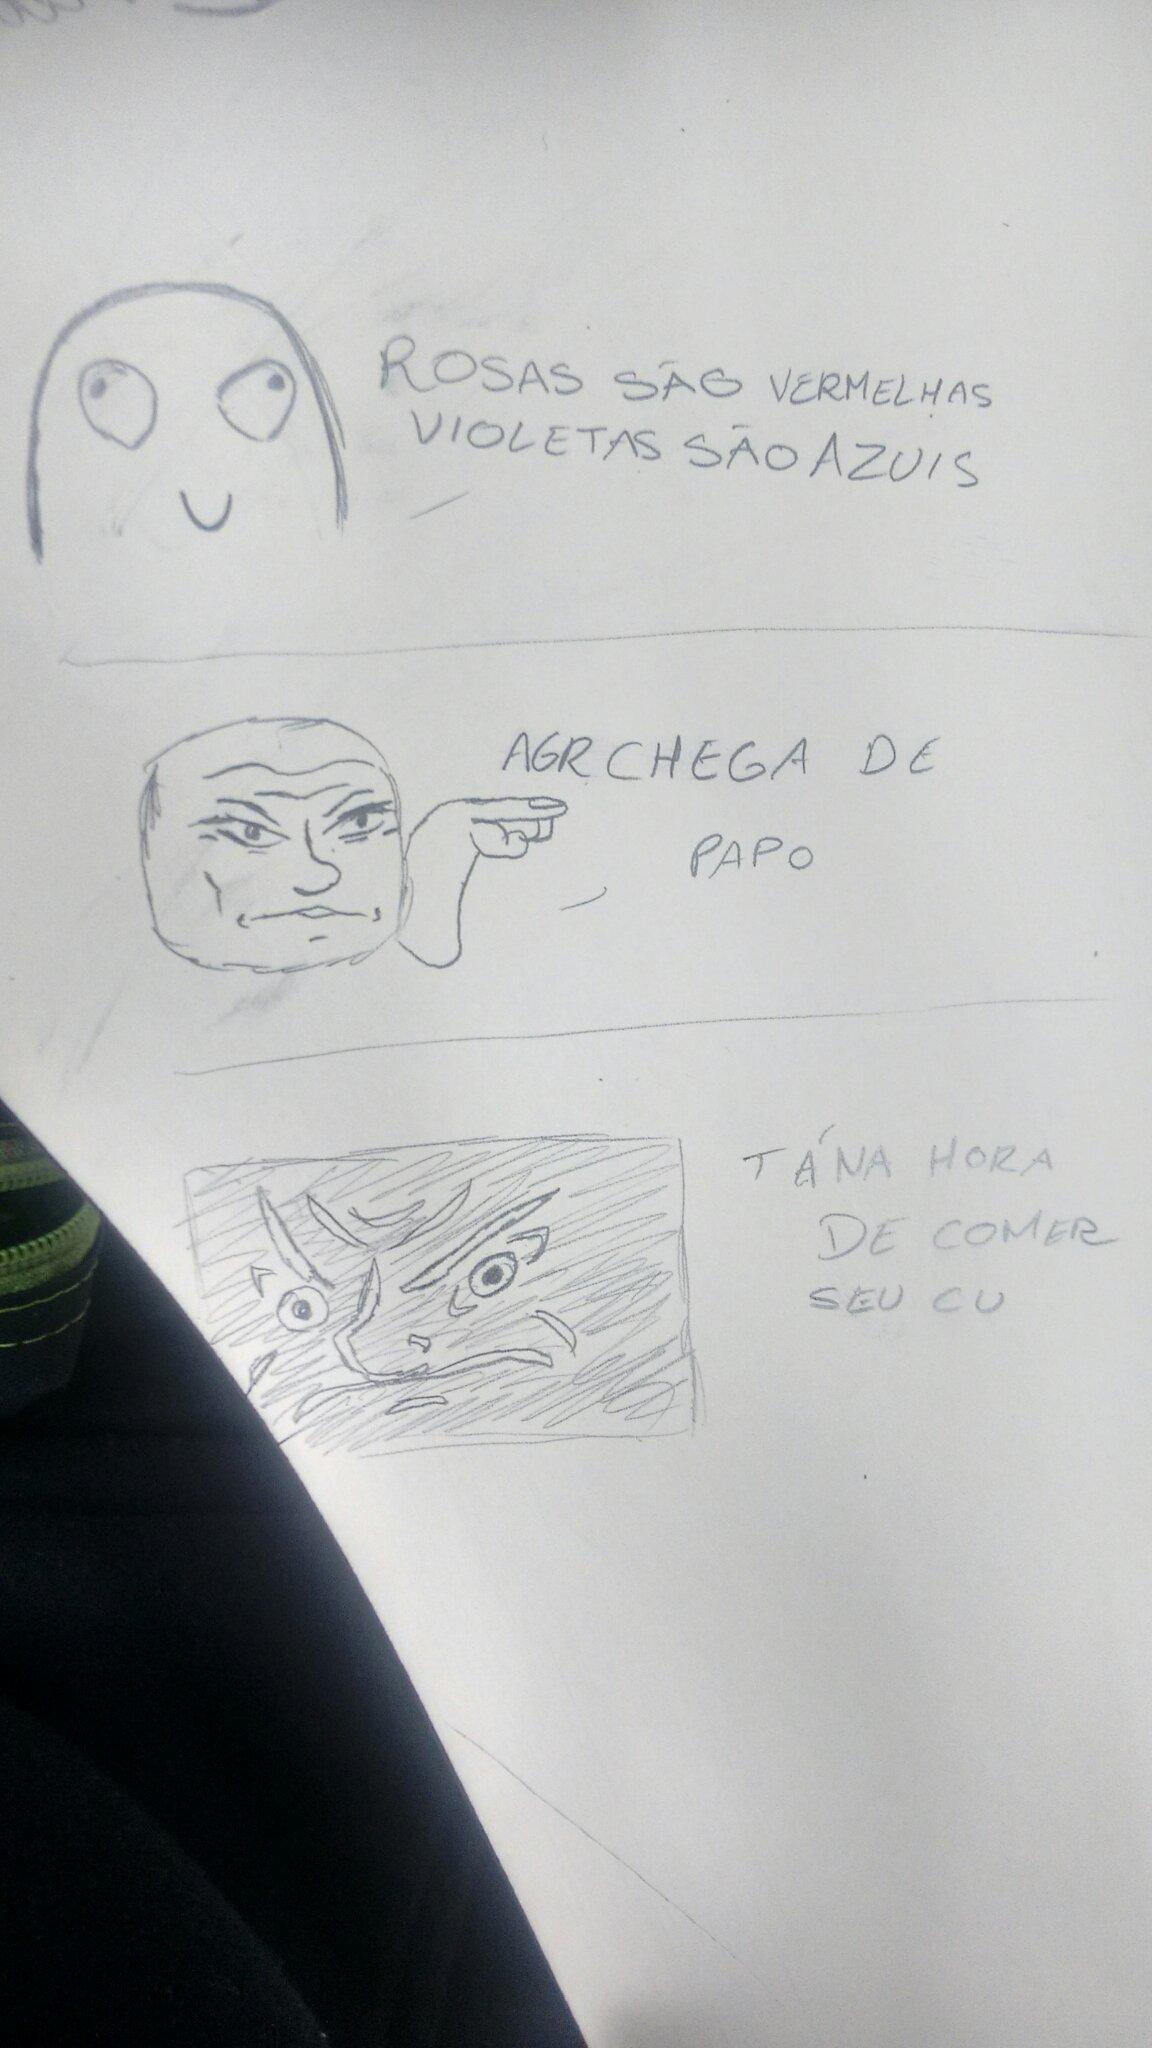 Fiz na mesa kkkkk - meme